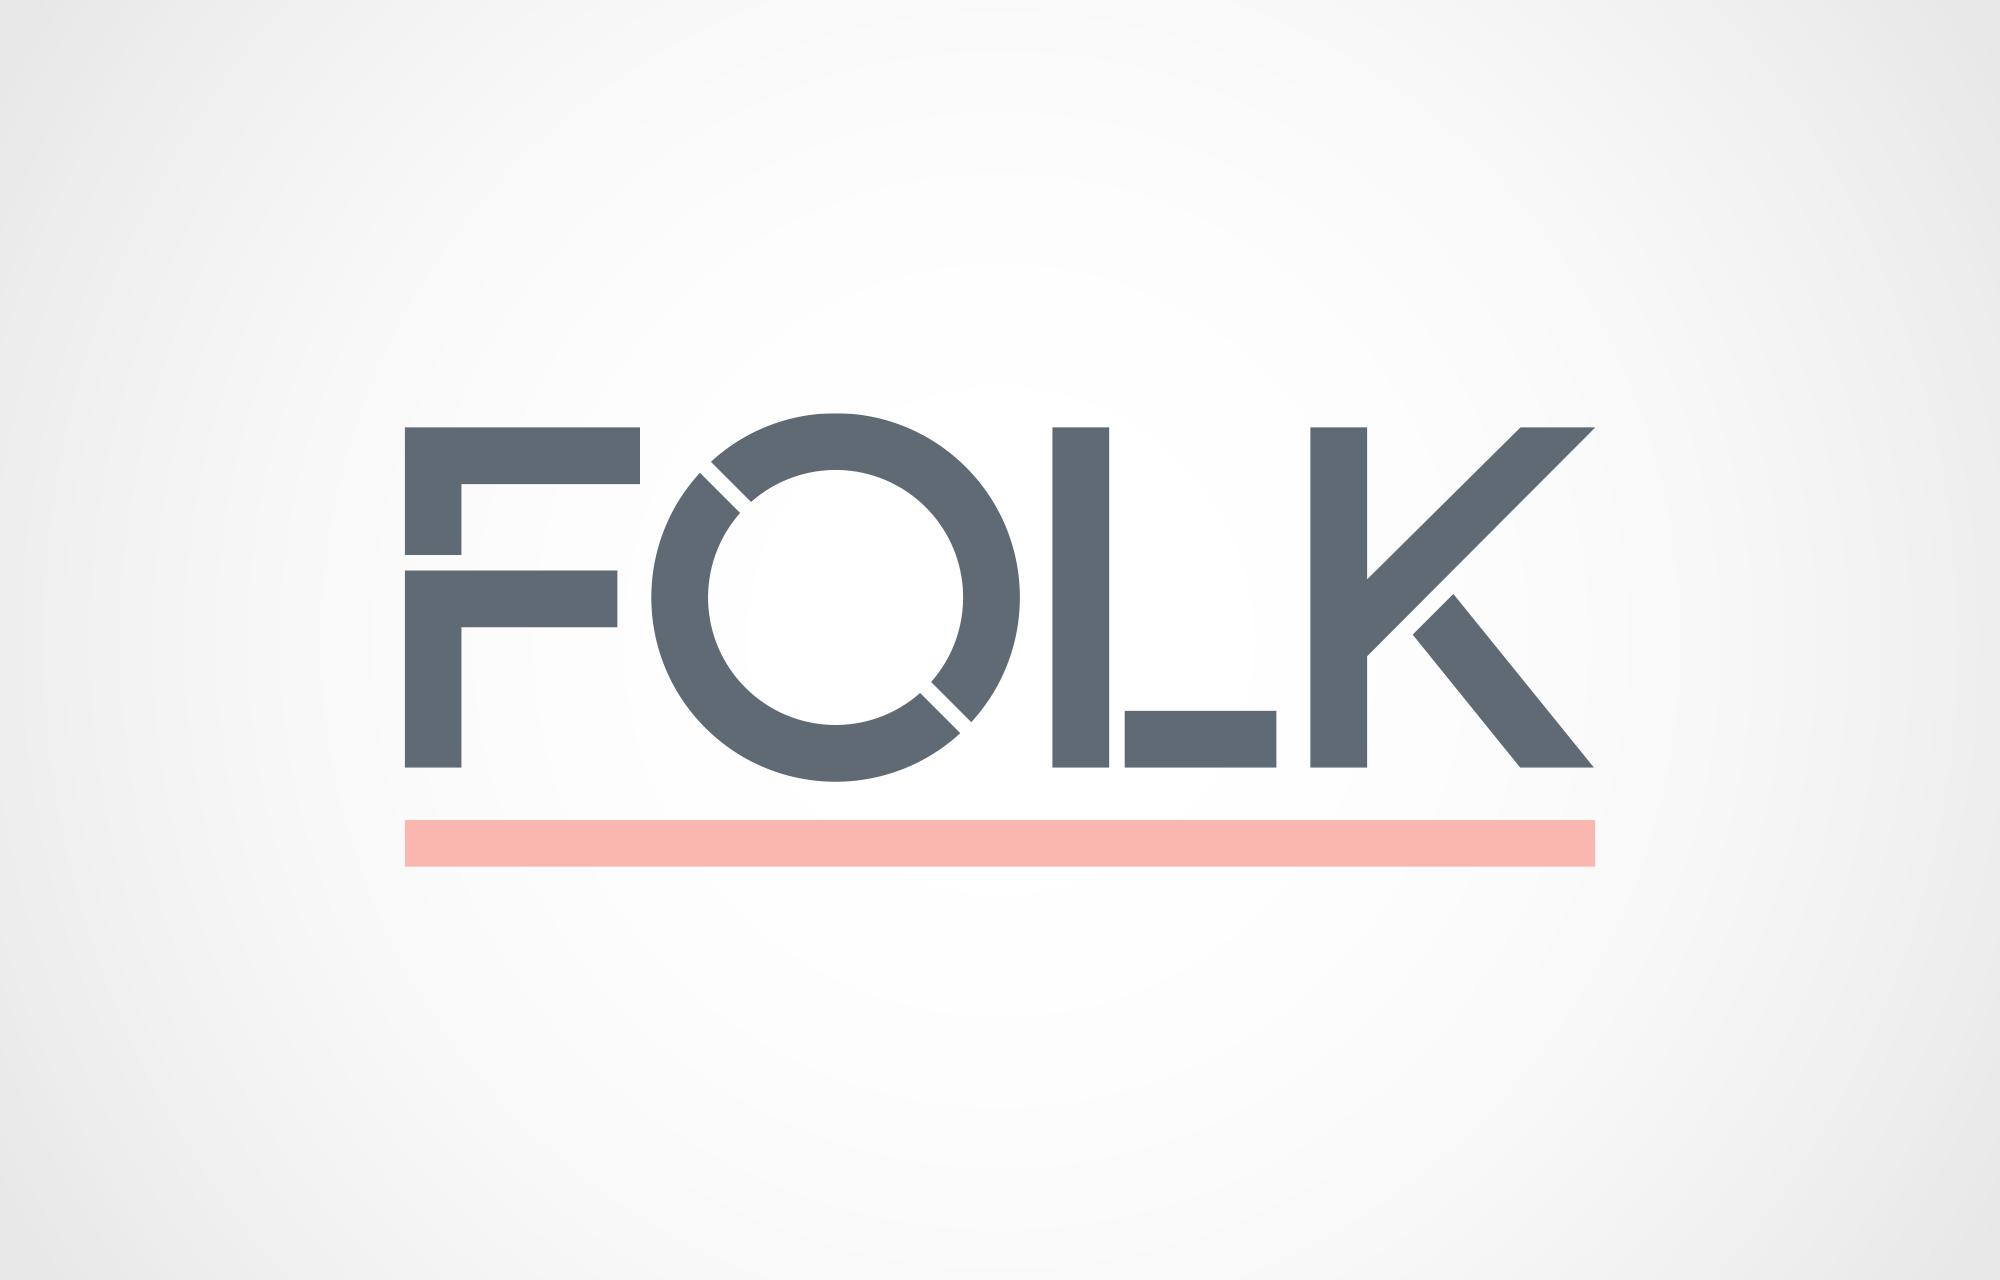 FOLK_Logo.jpg